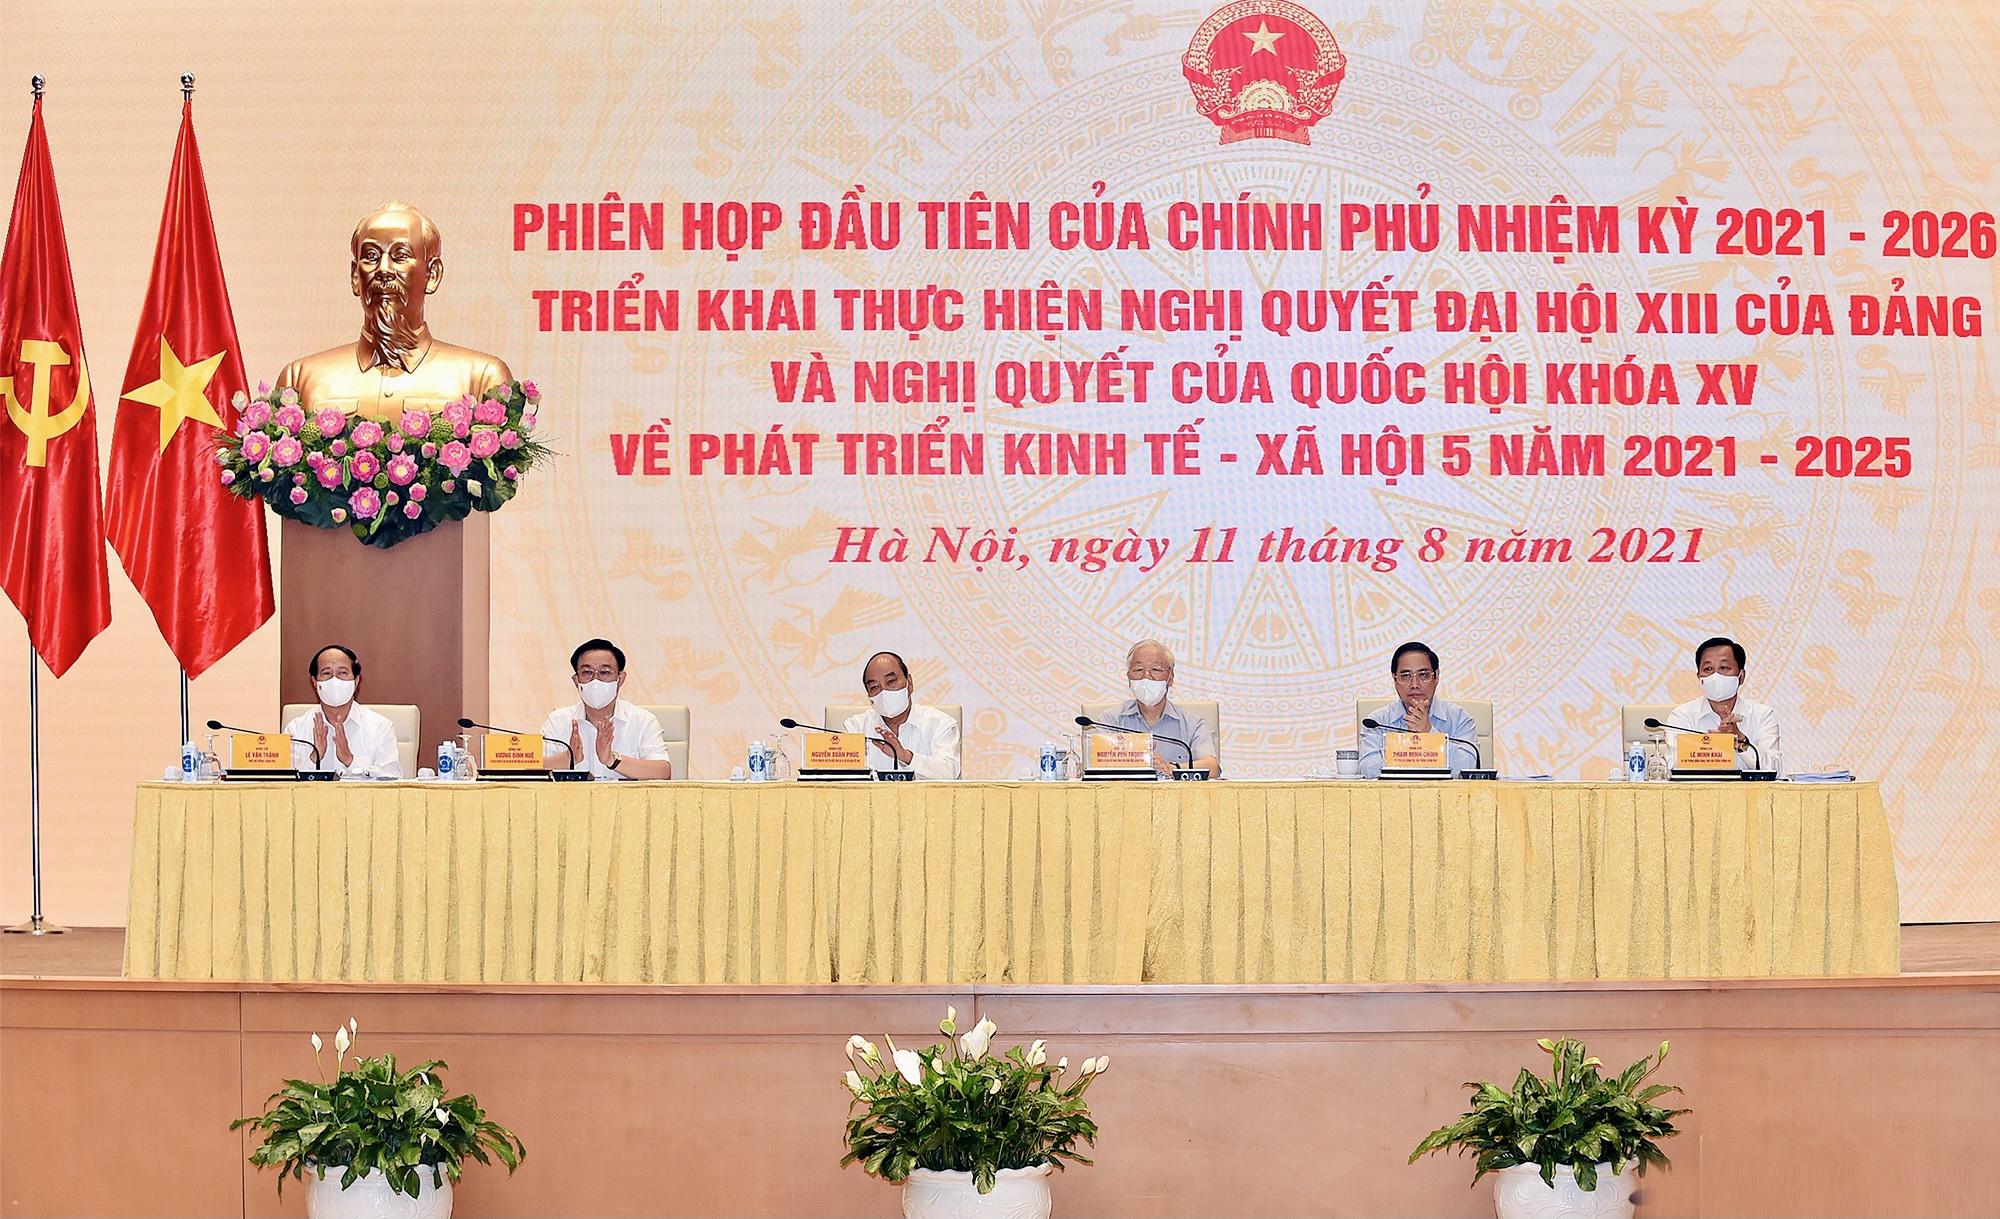 Chính phủ: Đến năm 2025, Việt Nam vượt qua mức thu nhập trung bình thấp